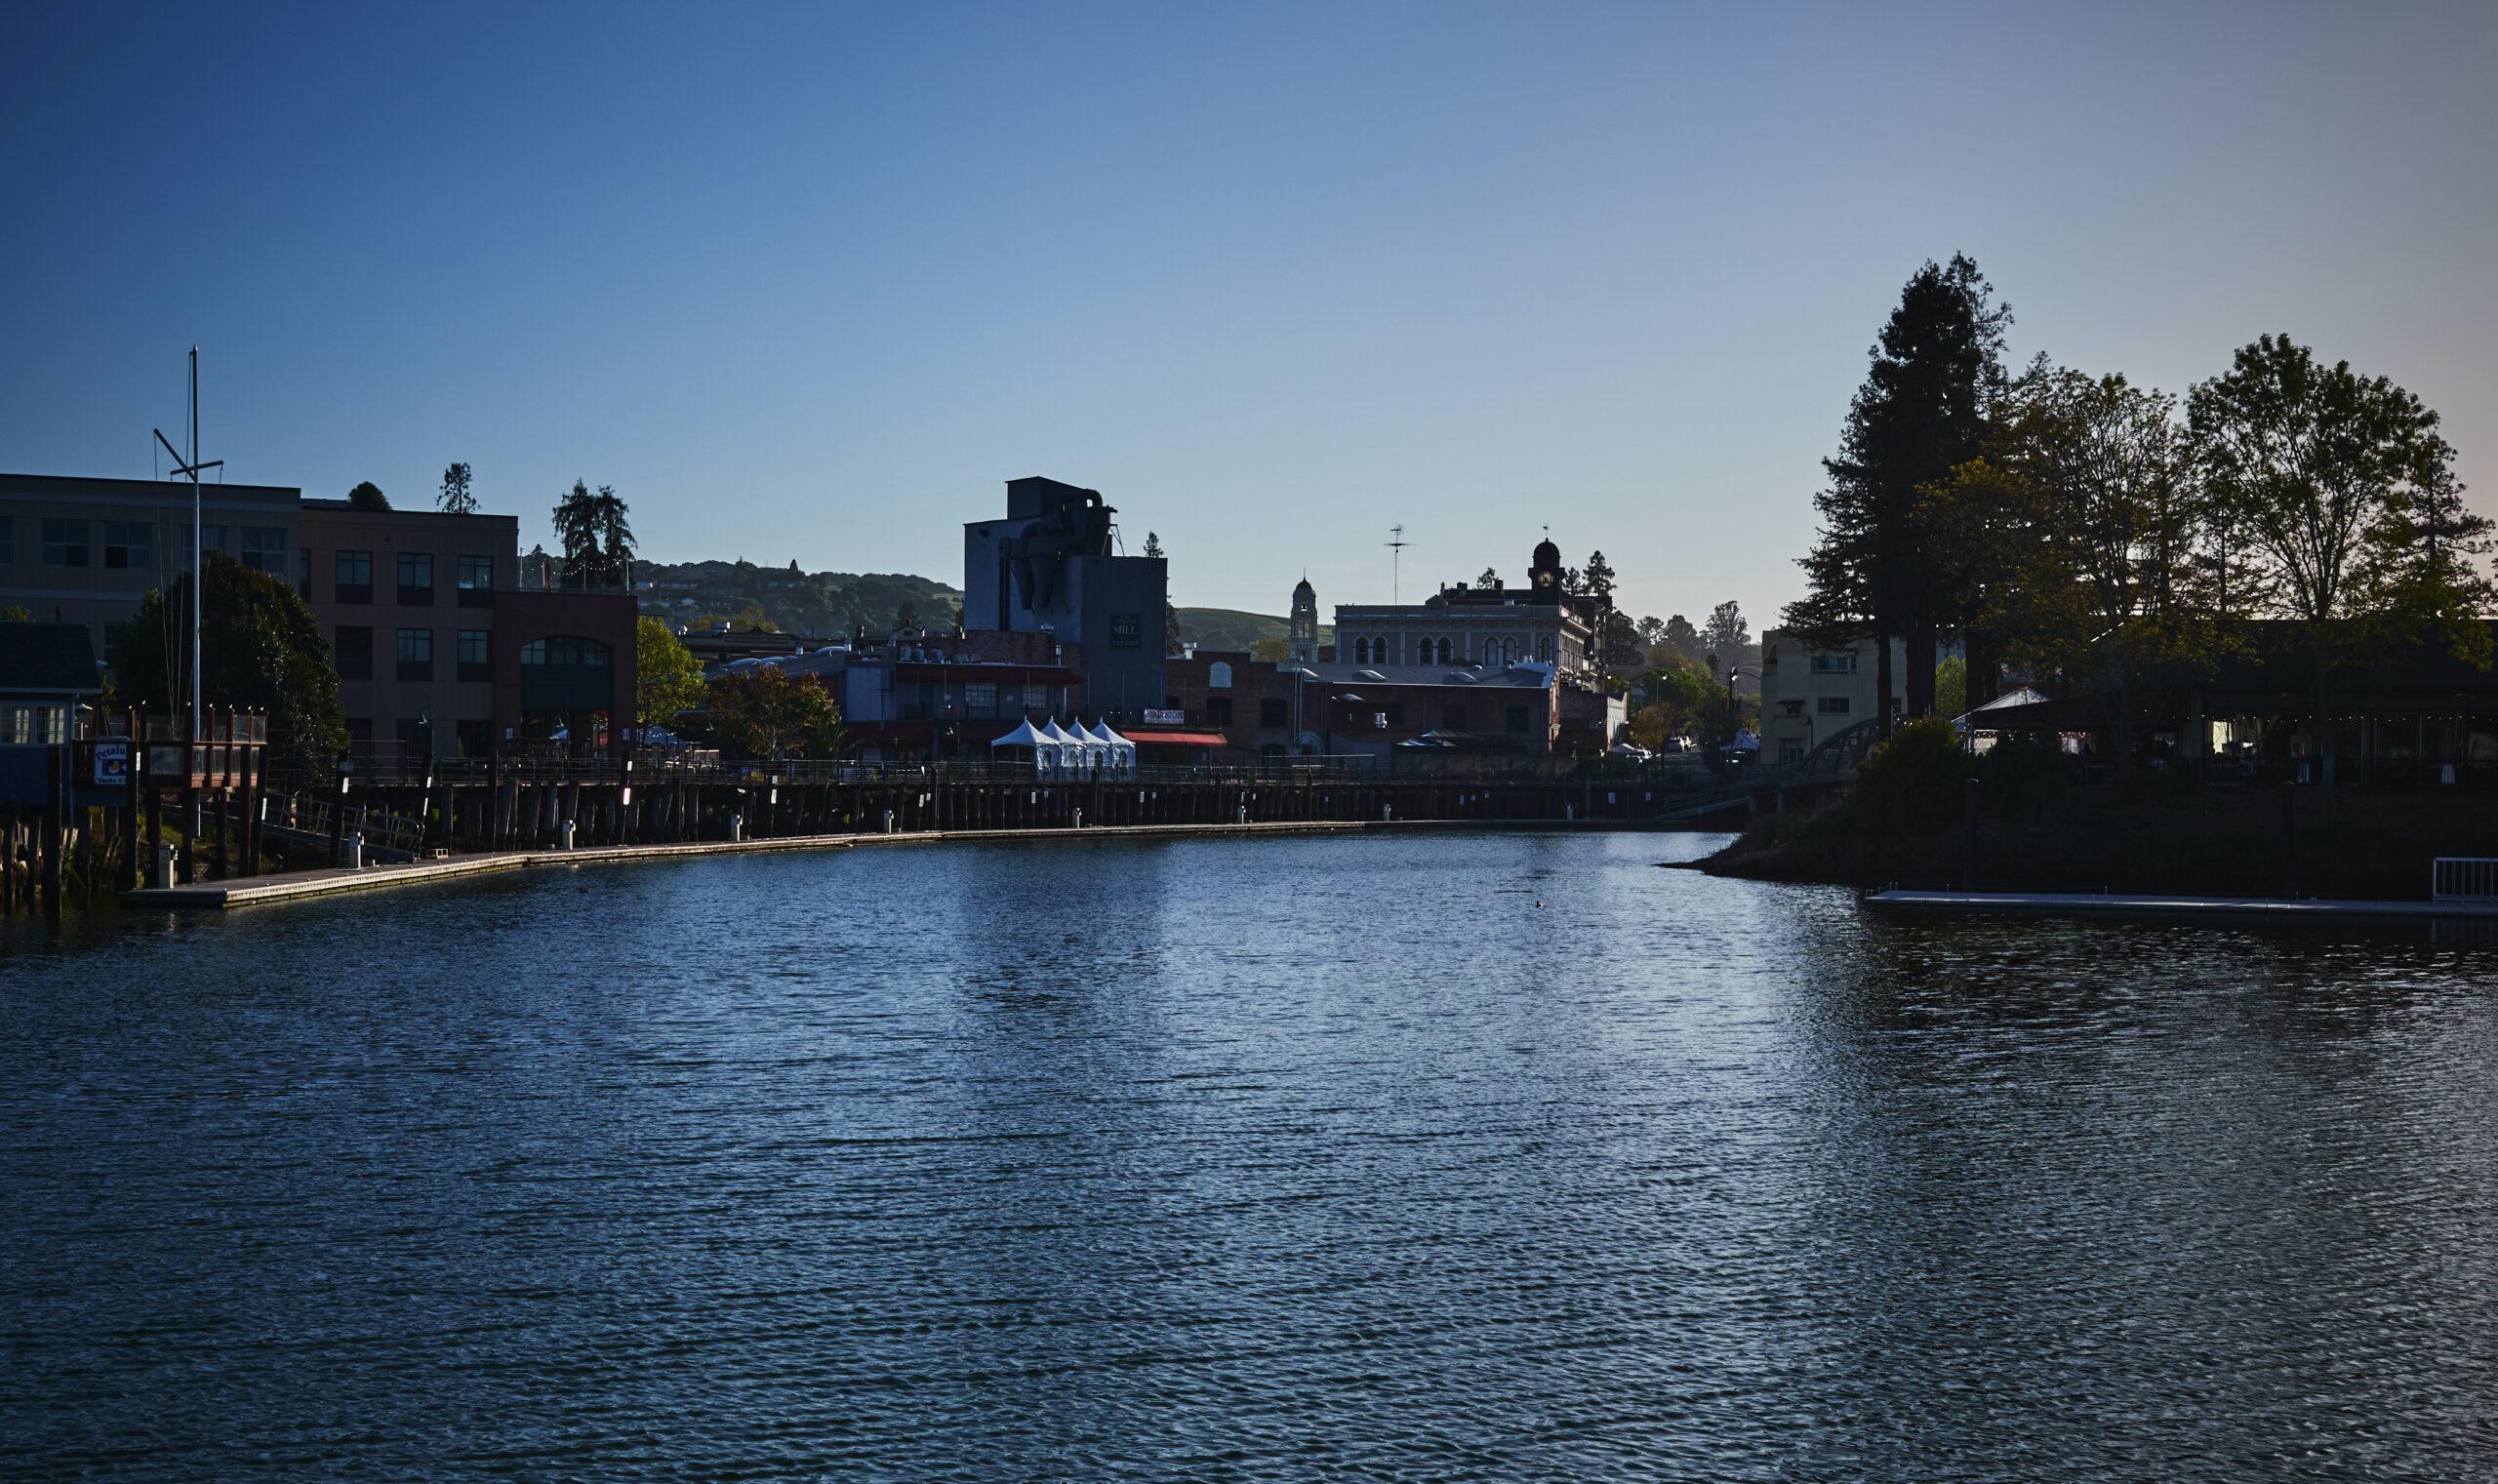 Petaluma River, California - June 2021